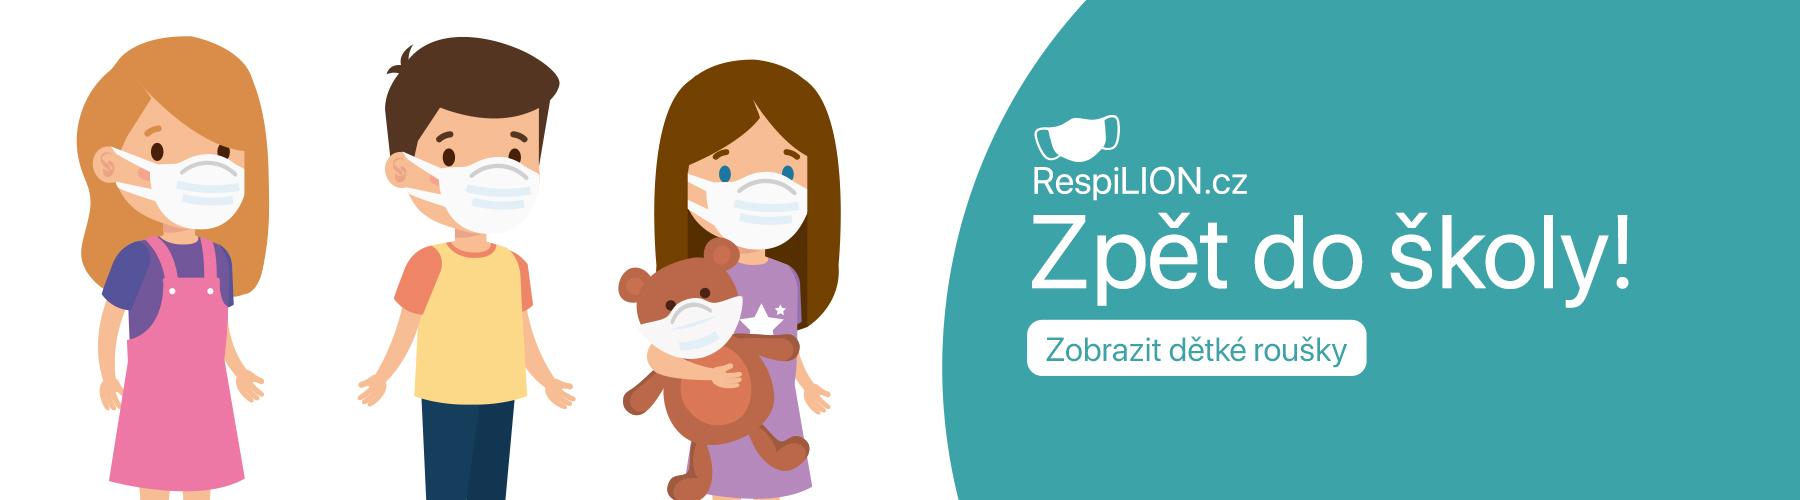 Dětské jednorázové roušky - RespiLion.cz